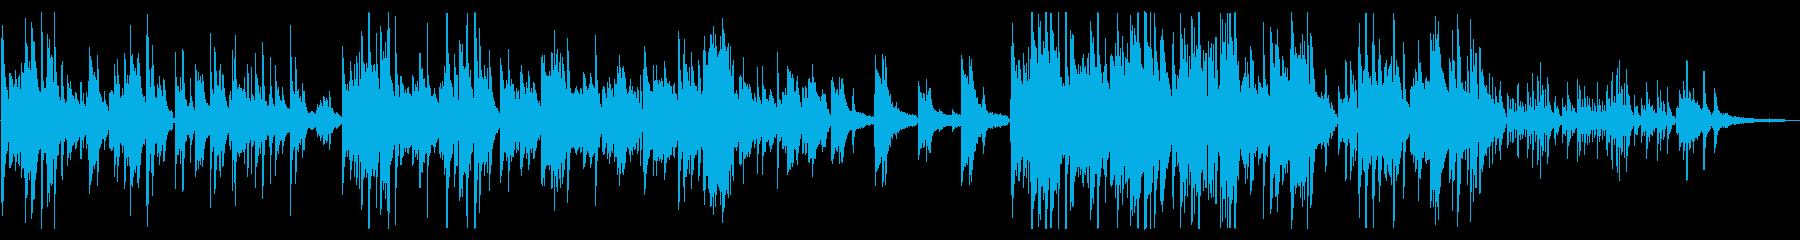 あえてシンプルにピアノソロの再生済みの波形